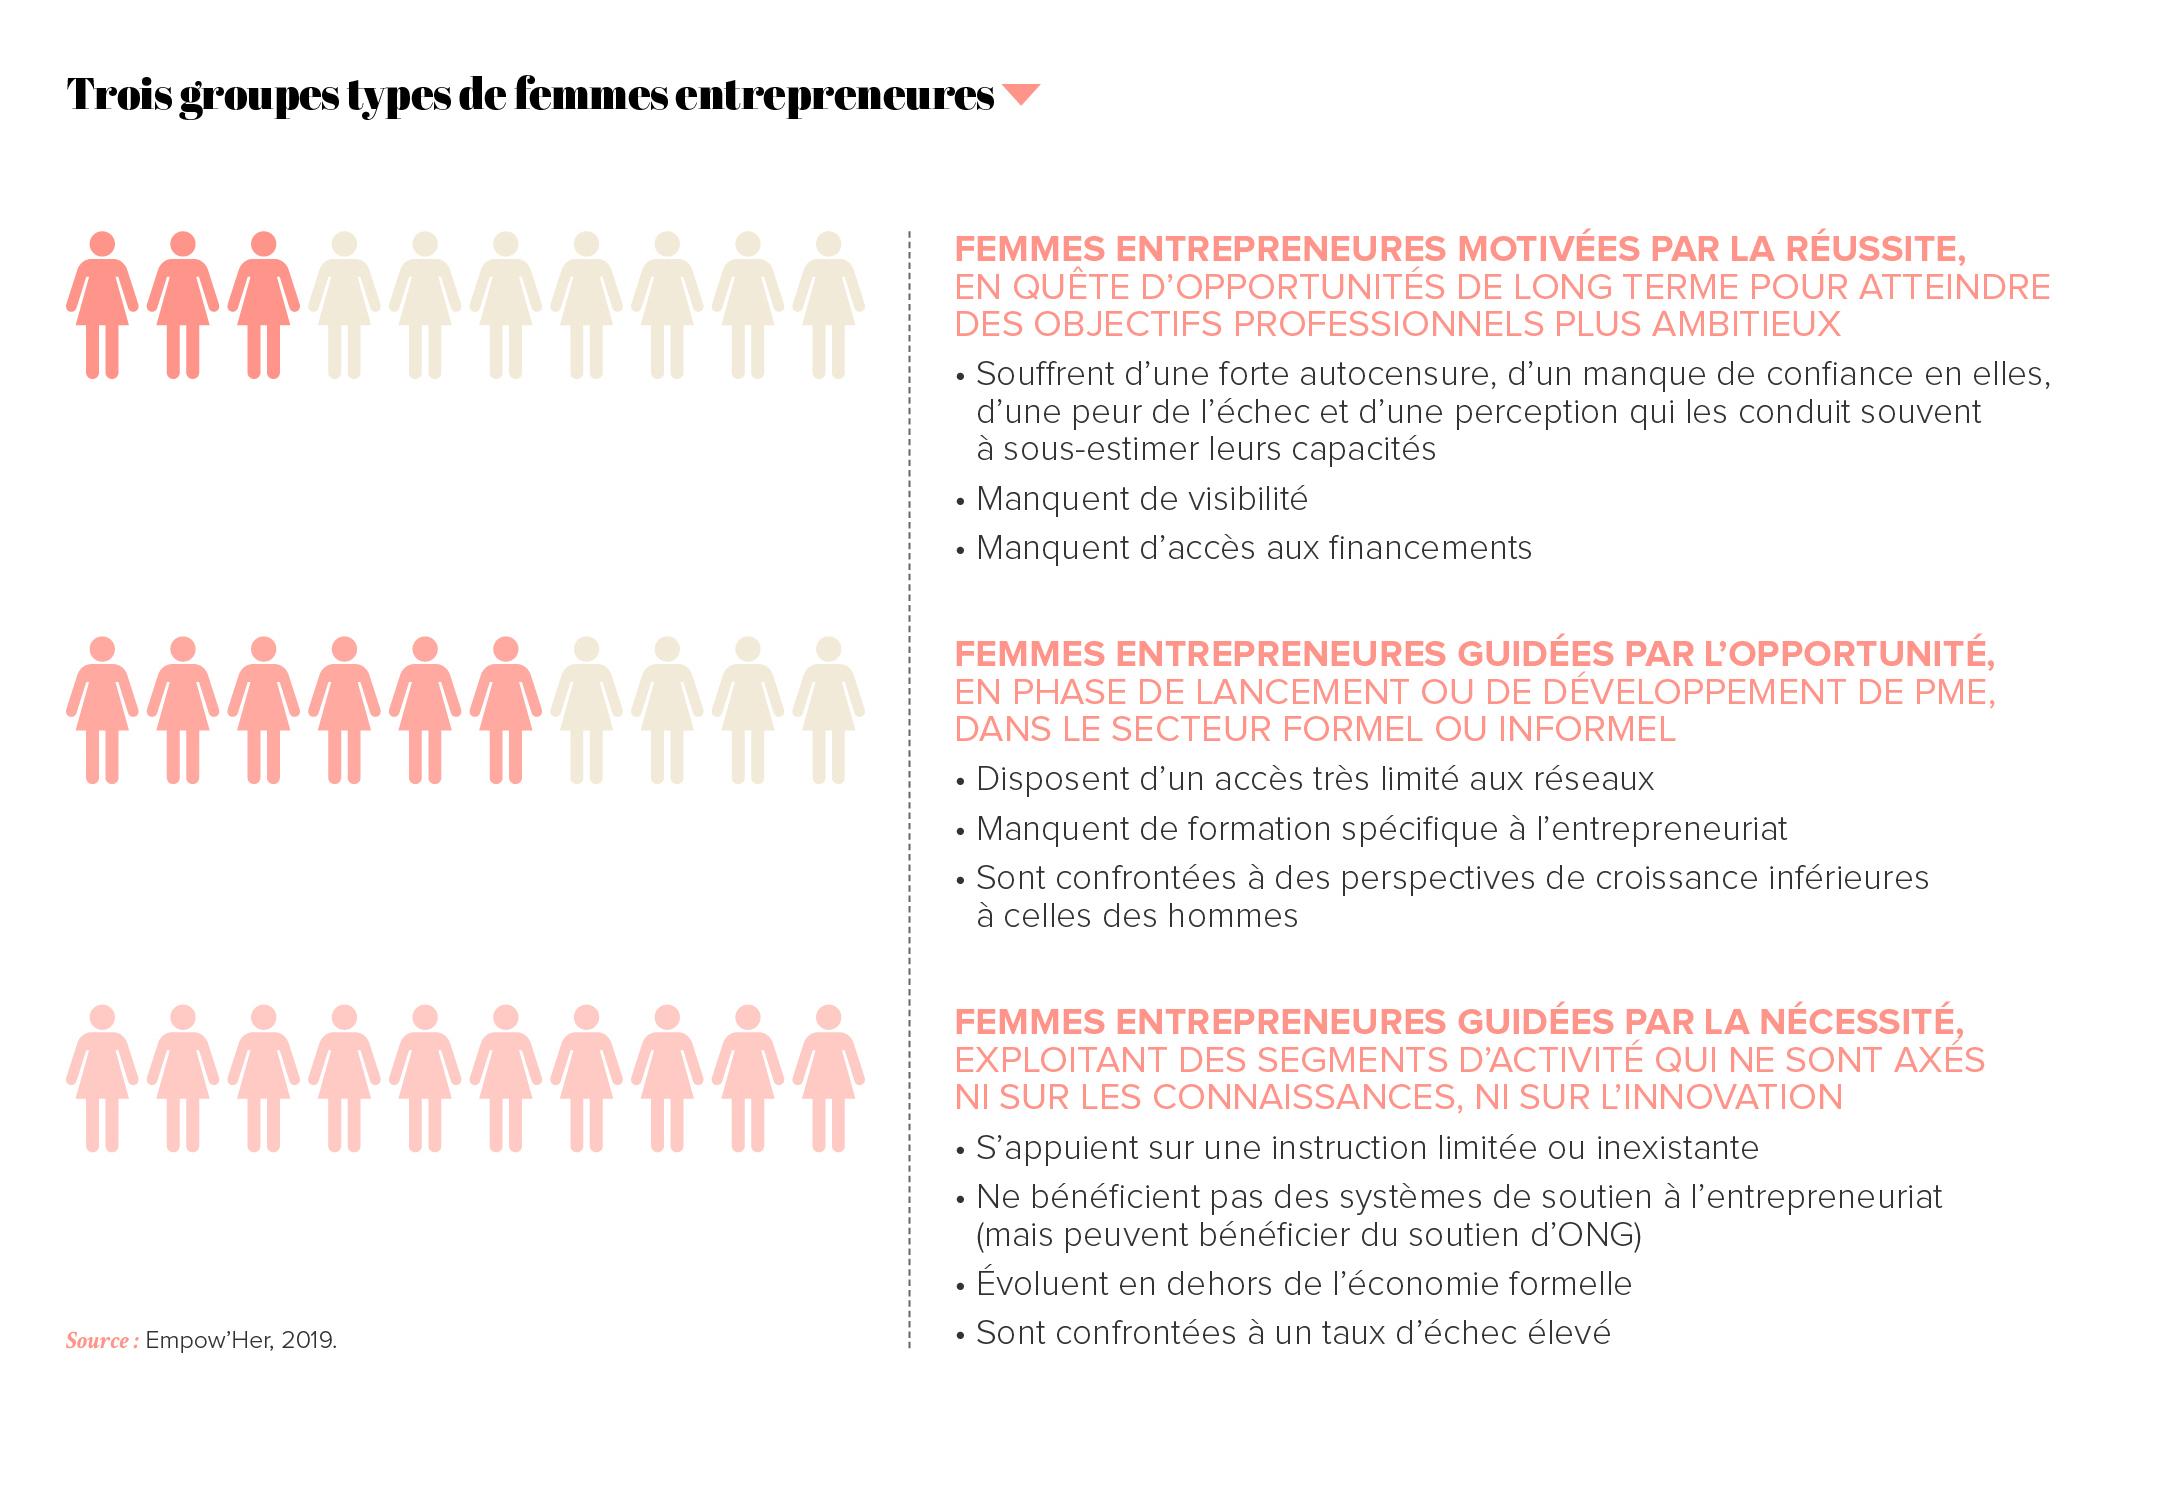 Trois groupes types de femme entrepreneures